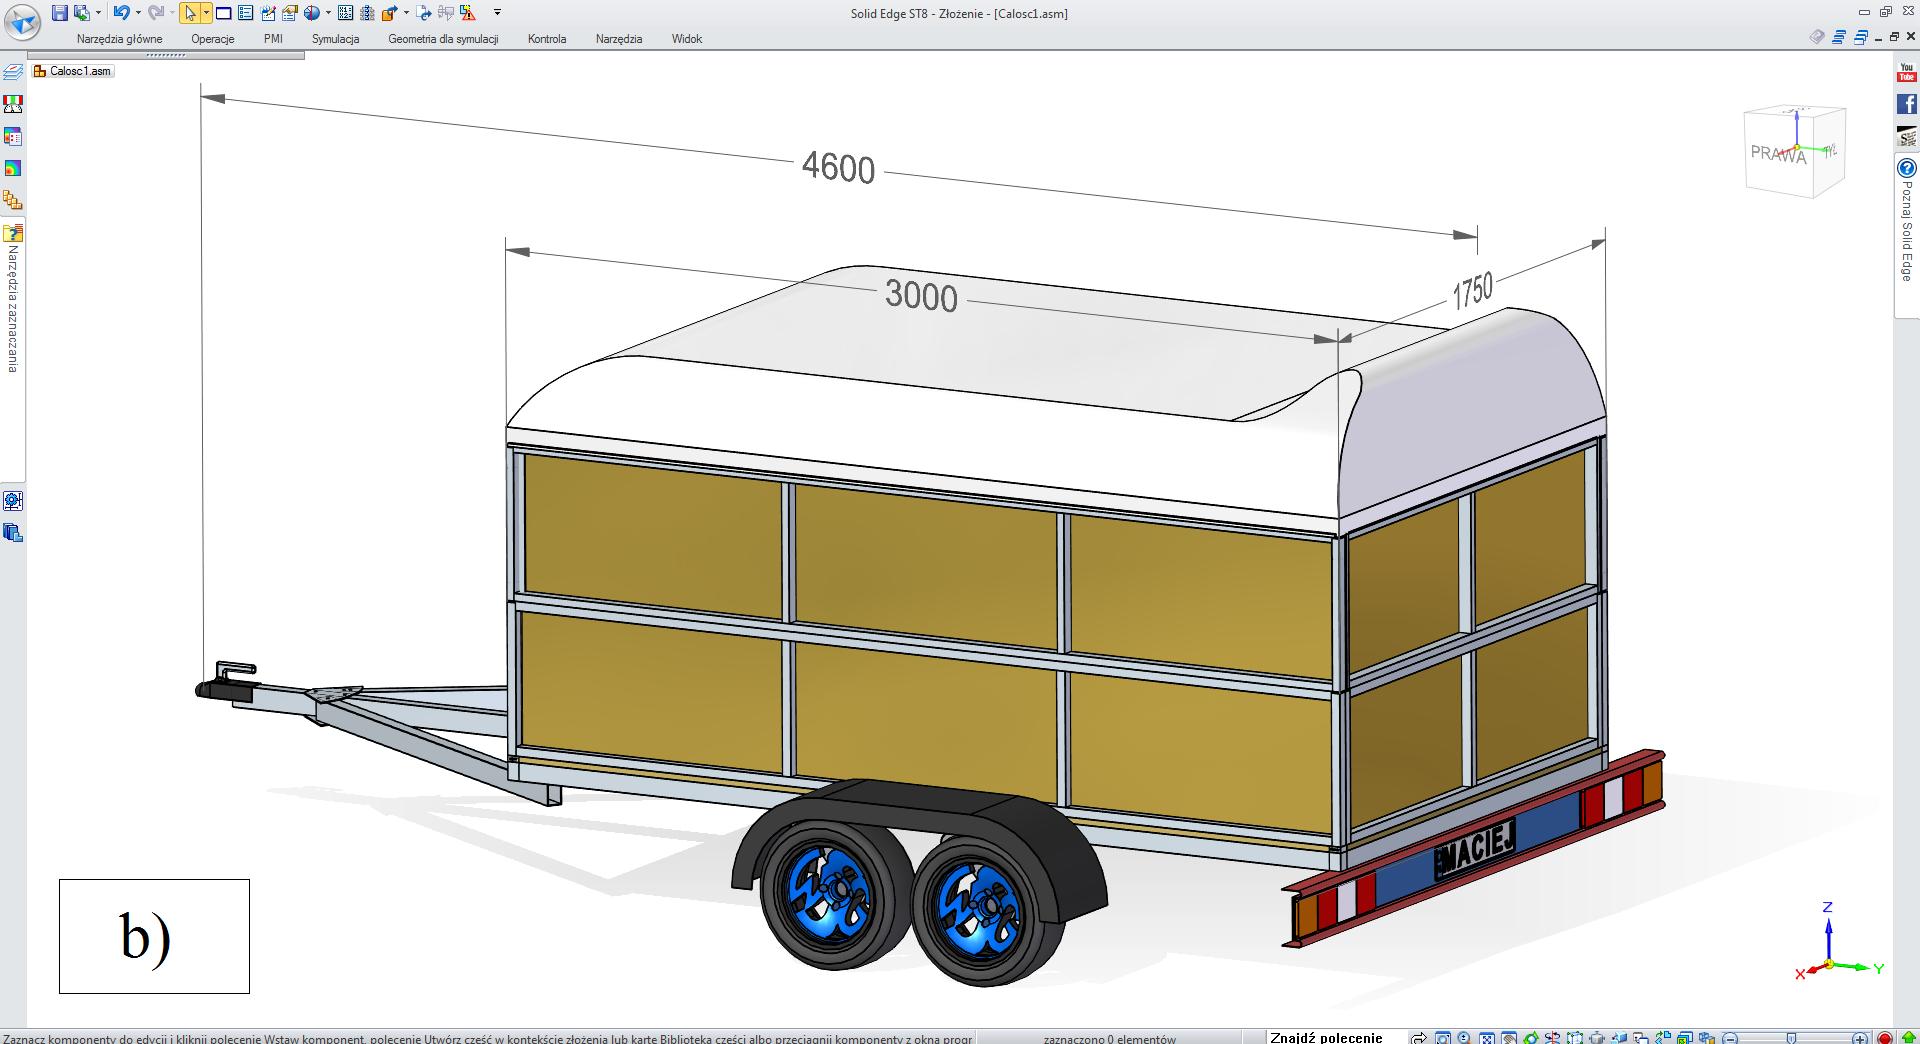 Etap 6 konfiguratora, zakończenie pracy, wyświetlenie zestawienia zbiorczego wprowadzonych parametrów